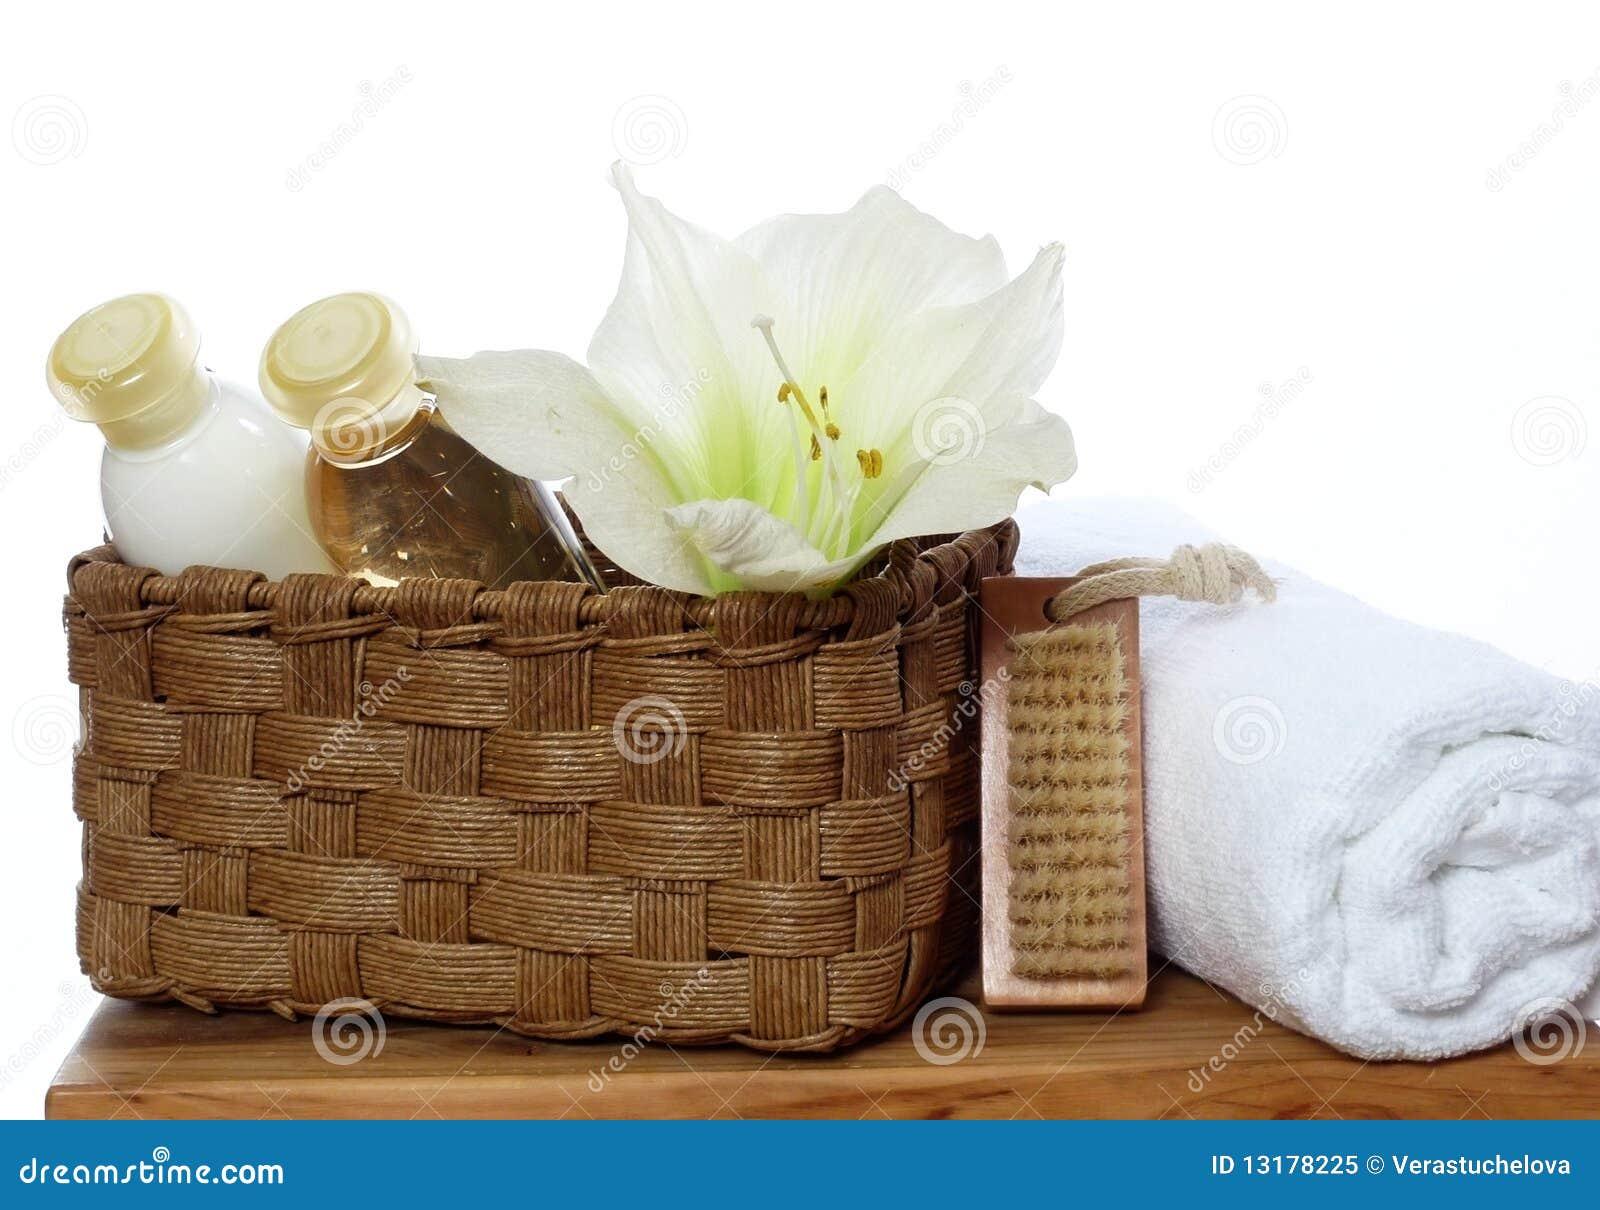 De decoratie van het kuuroord zeep lotion handdoek royalty vrije stock foto afbeelding - Decoratie van de kamers van de meiden ...